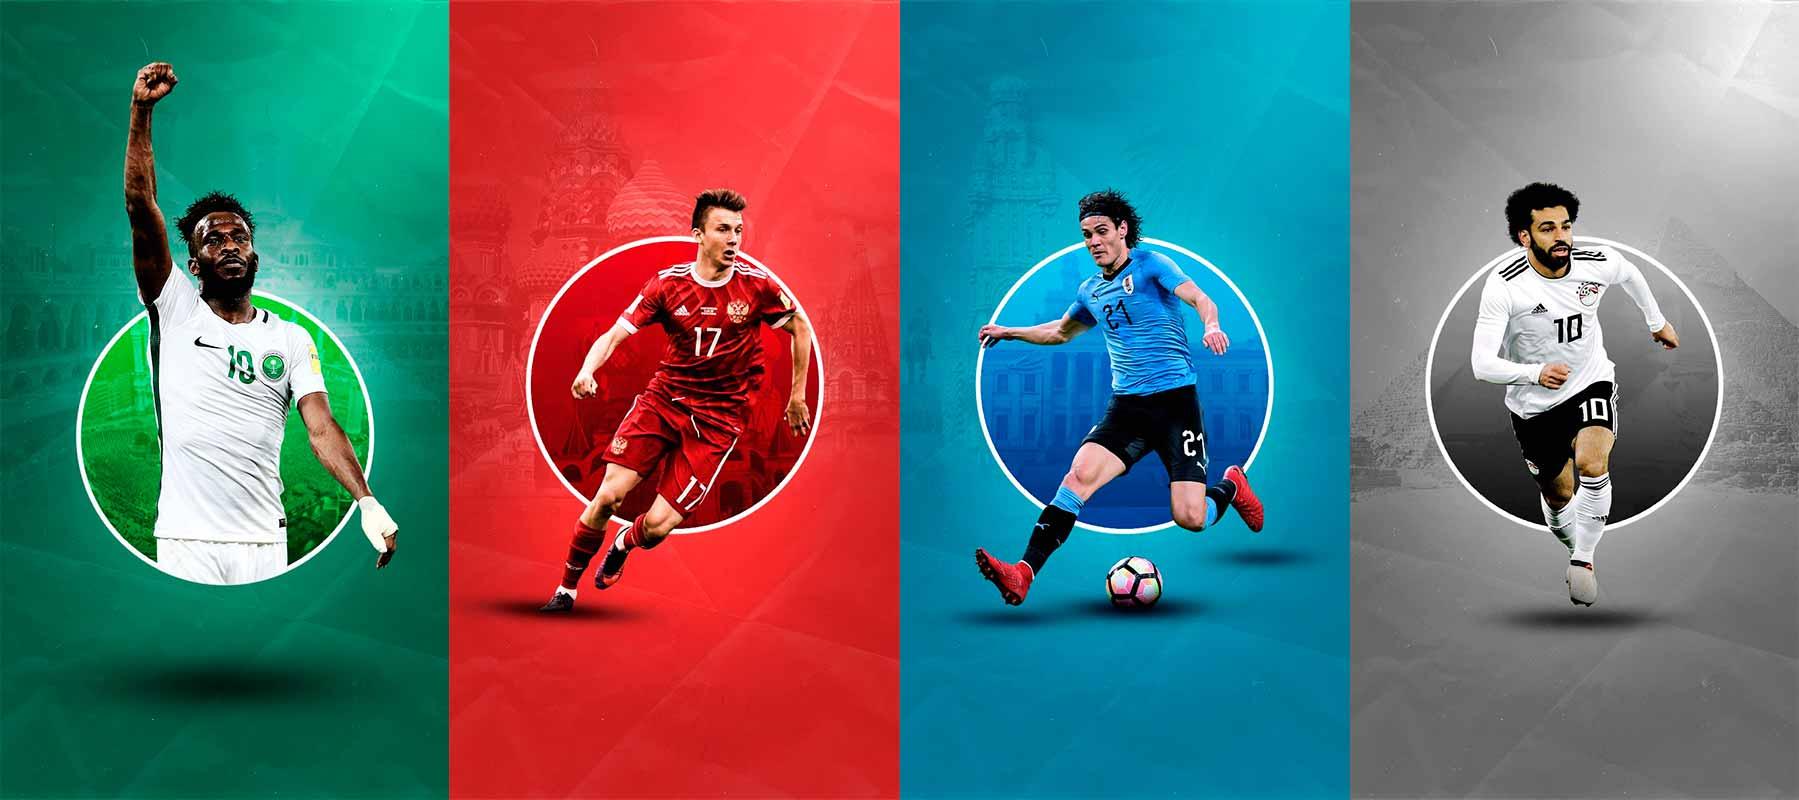 Шансы сборной России на чемпионате мира по футболу